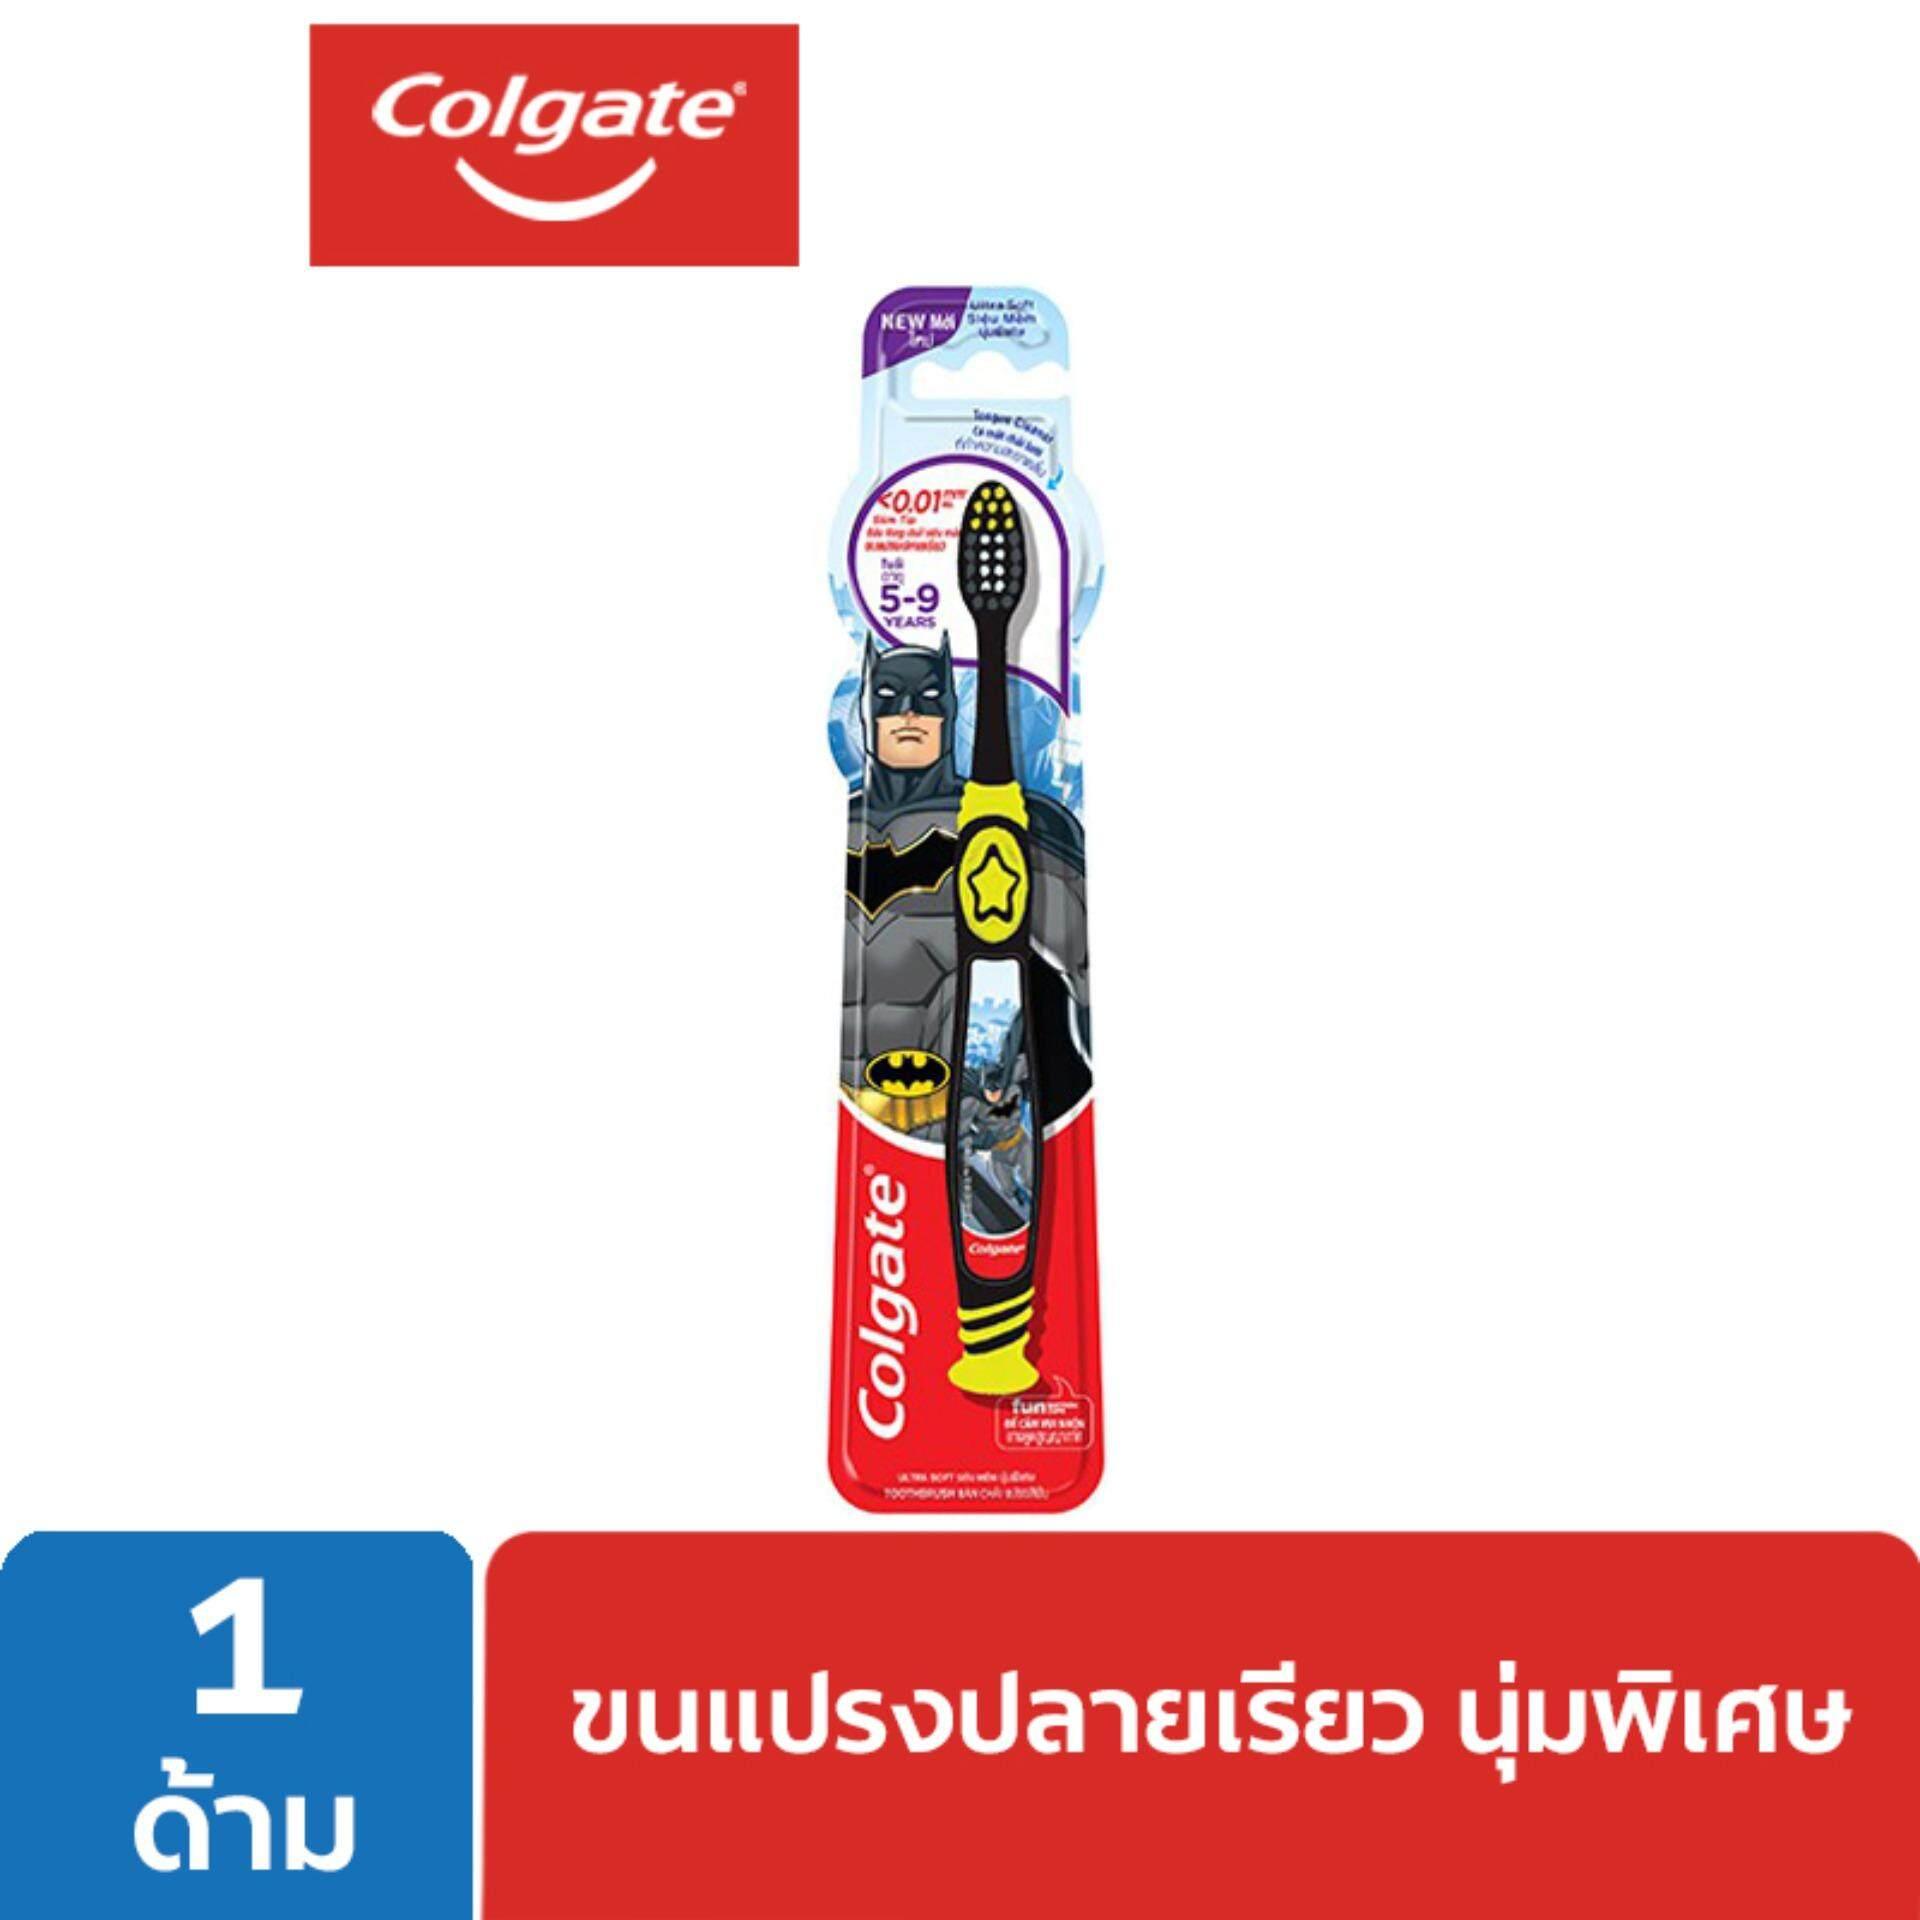 กระเป๋าเป้สะพายหลัง นักเรียน ผู้หญิง วัยรุ่น เชียงใหม่ แปรงสีฟันเด็ก คอลเกต แบทแมน อายุ 5 9 ปี  คละสี  Colgate Kids Toothbrush BATMAN age 5 9 years  Toothbrush handle comes in a range of colors